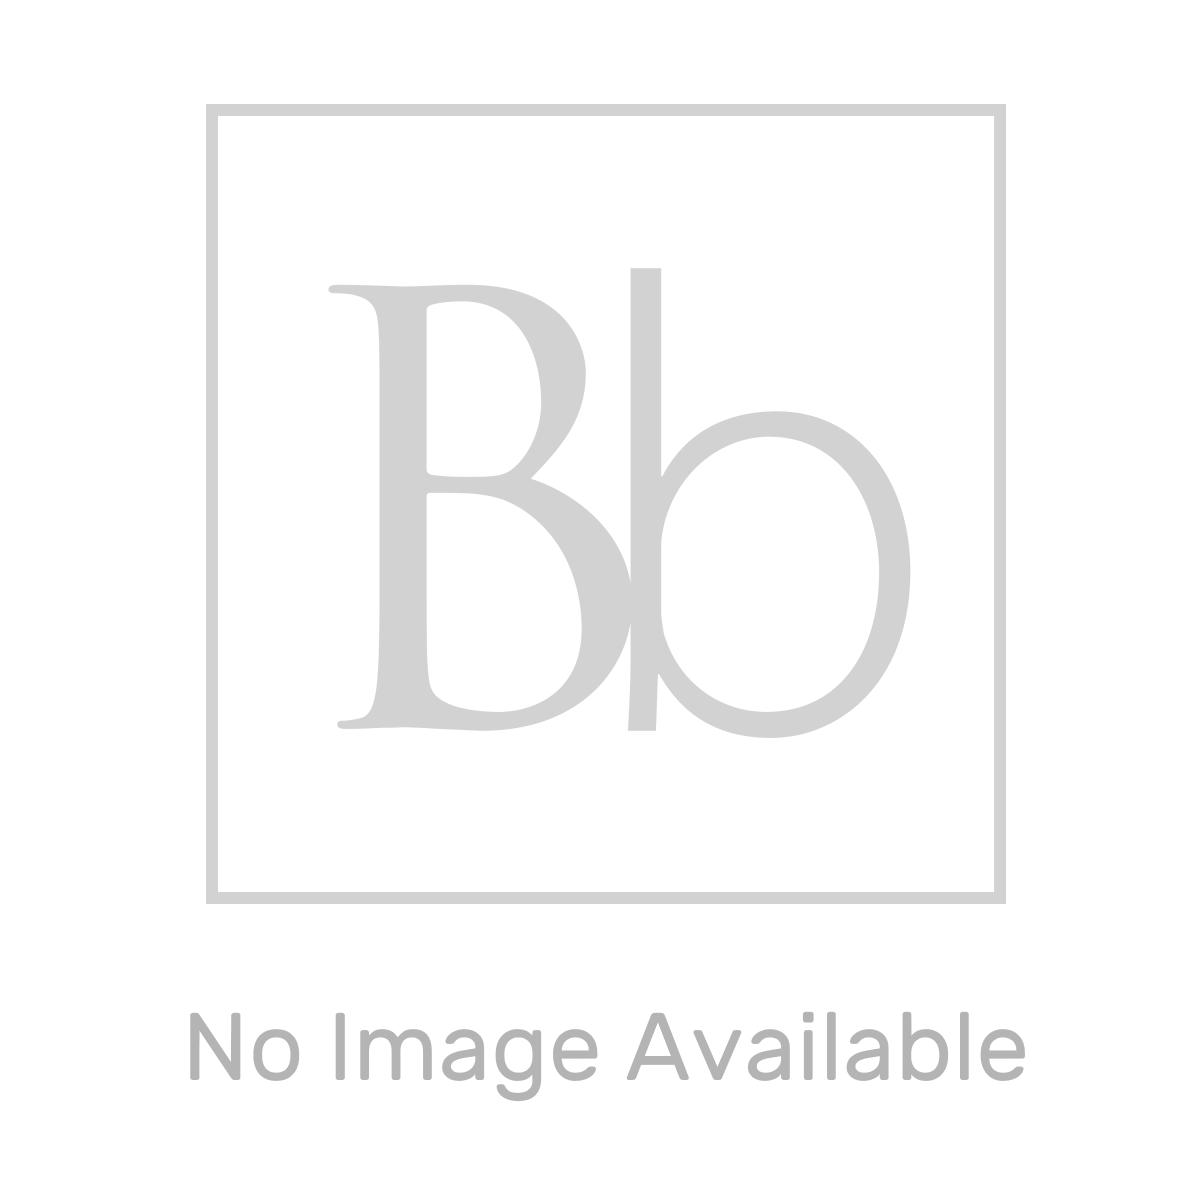 April Prestige2 Black Frameless Sliding Shower Door with Optional Side Panel Dimensions